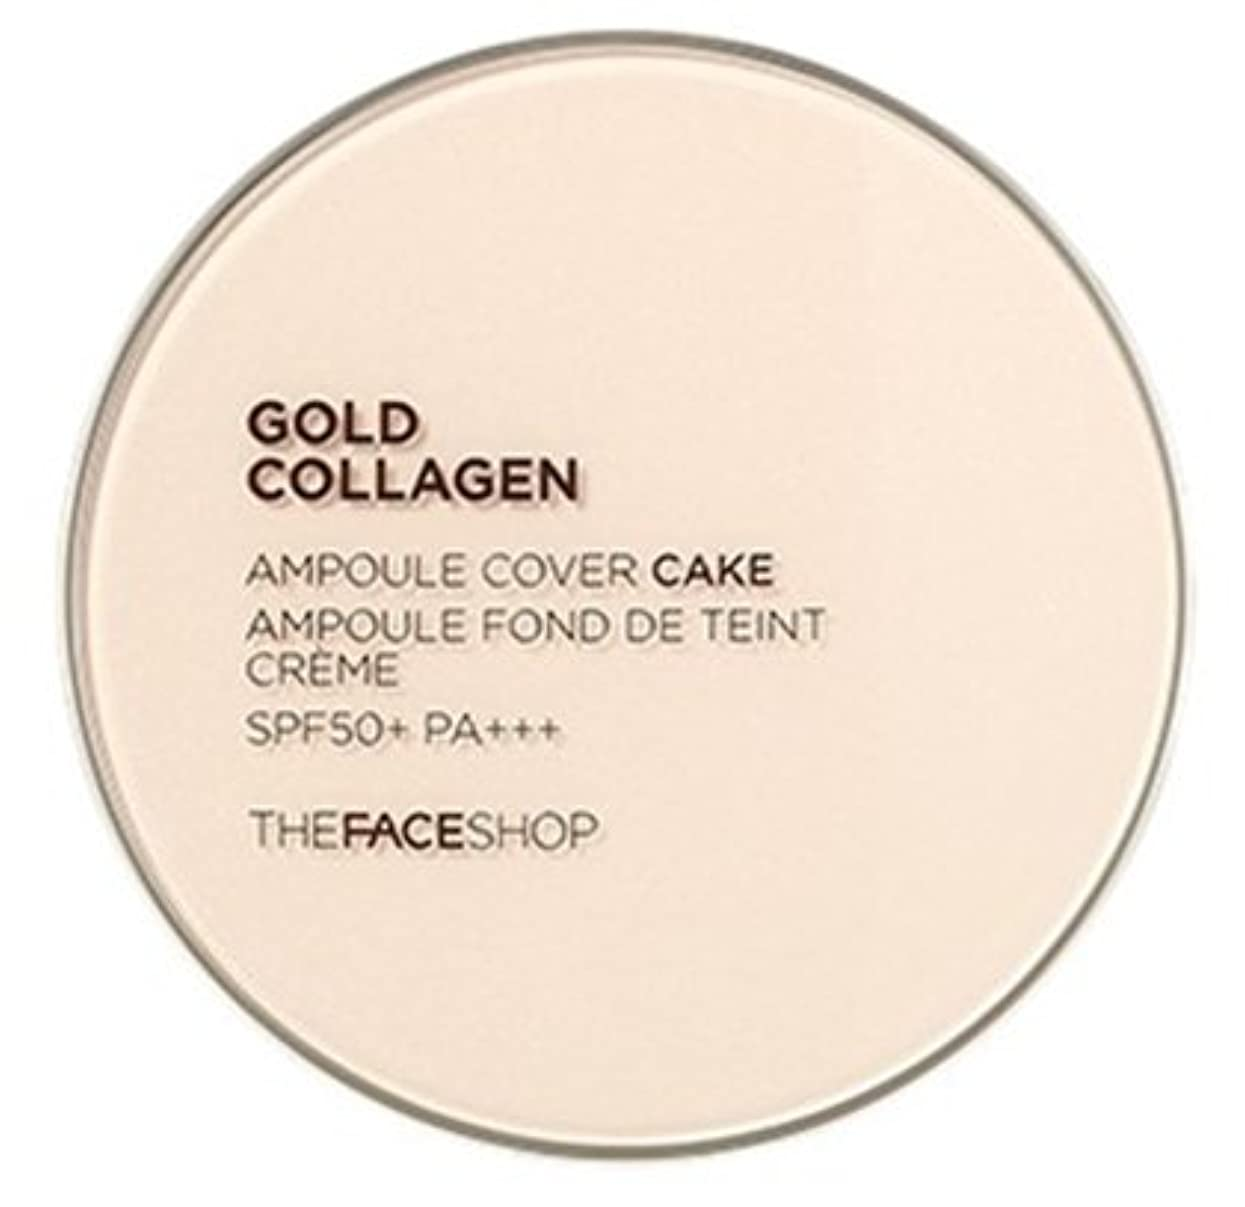 振動させるラオス人極めて重要なザフェイスショップ(The Face Shop) ゴールドコラーゲンアンプルカバーケーキ #N203